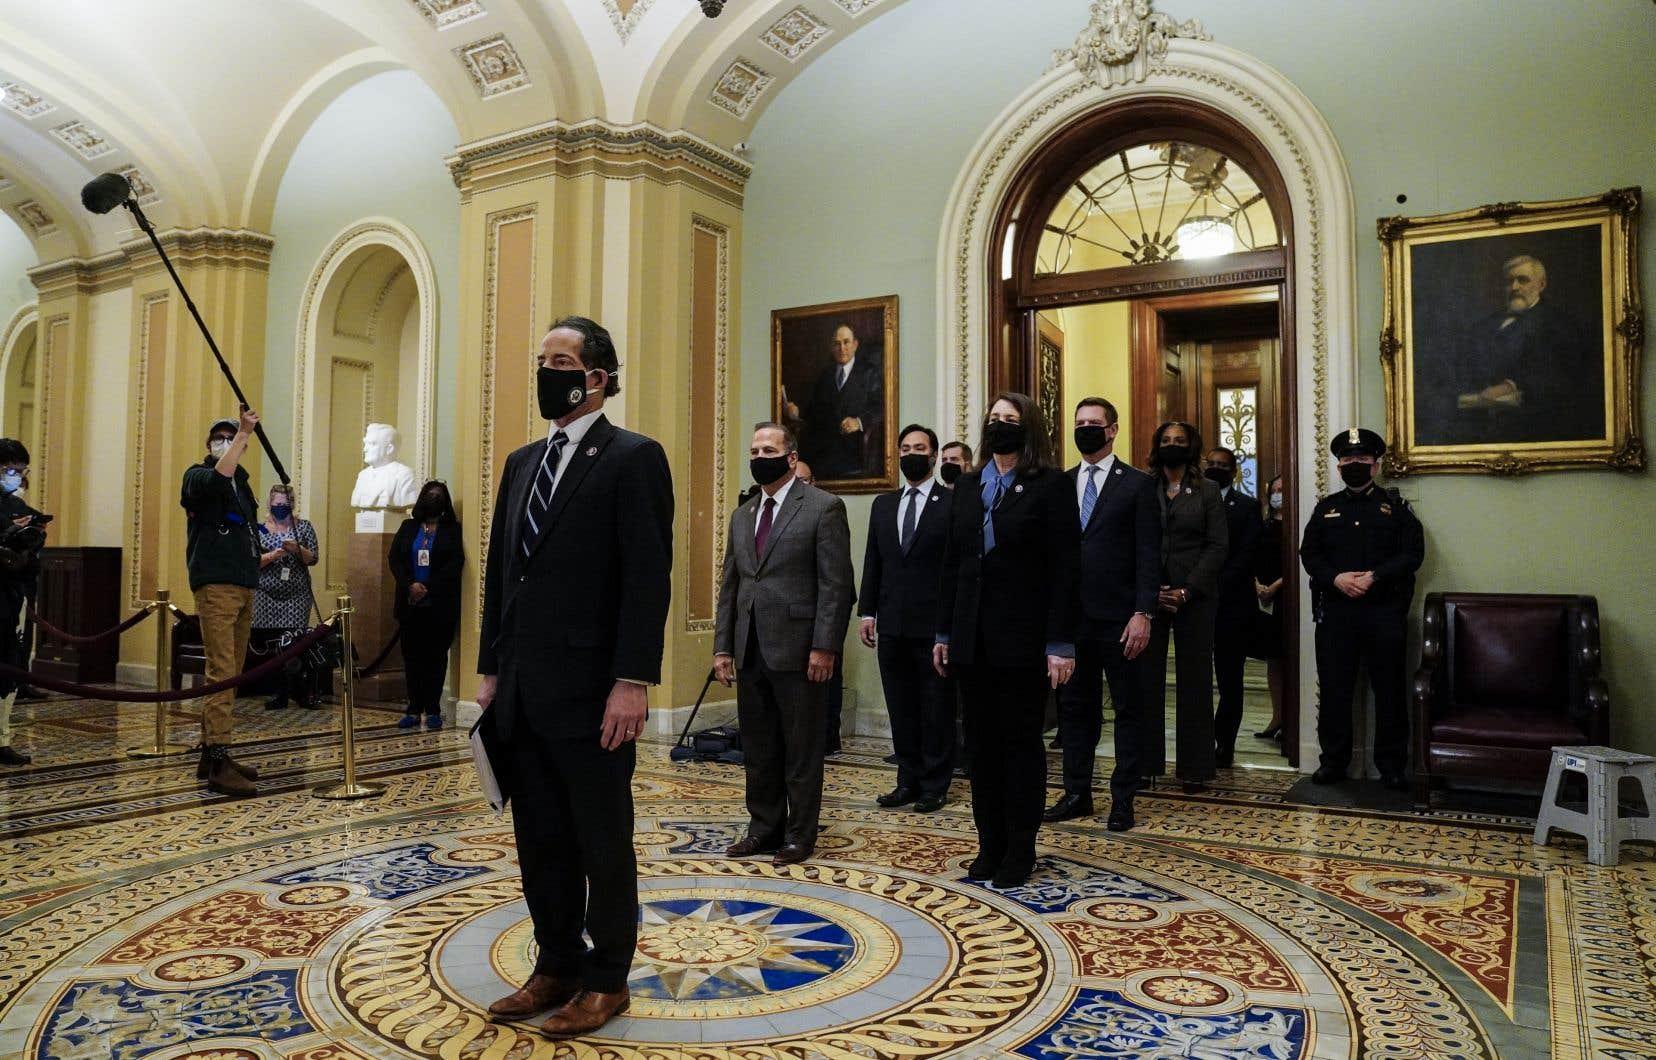 Dans un silence solennel, les neuf «procureurs» désignés par la présidente démocrate de la Chambre des représentants, Nancy Pelosi, ont traverséles longs couloirs ornés de statues et tableaux jusqu'au Sénat.